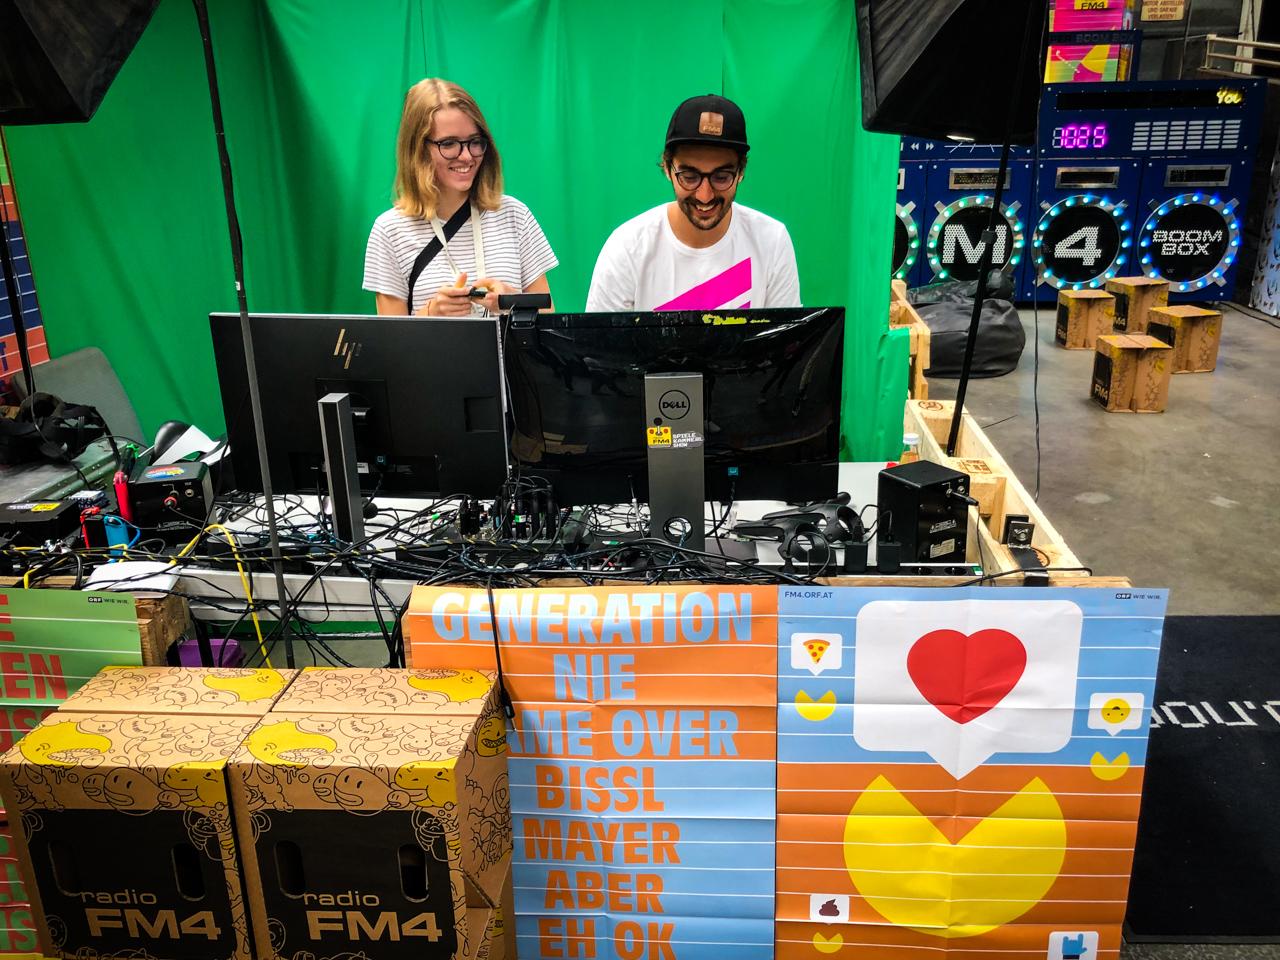 BesucherInnen beim Ars Electronica Festival in Linz